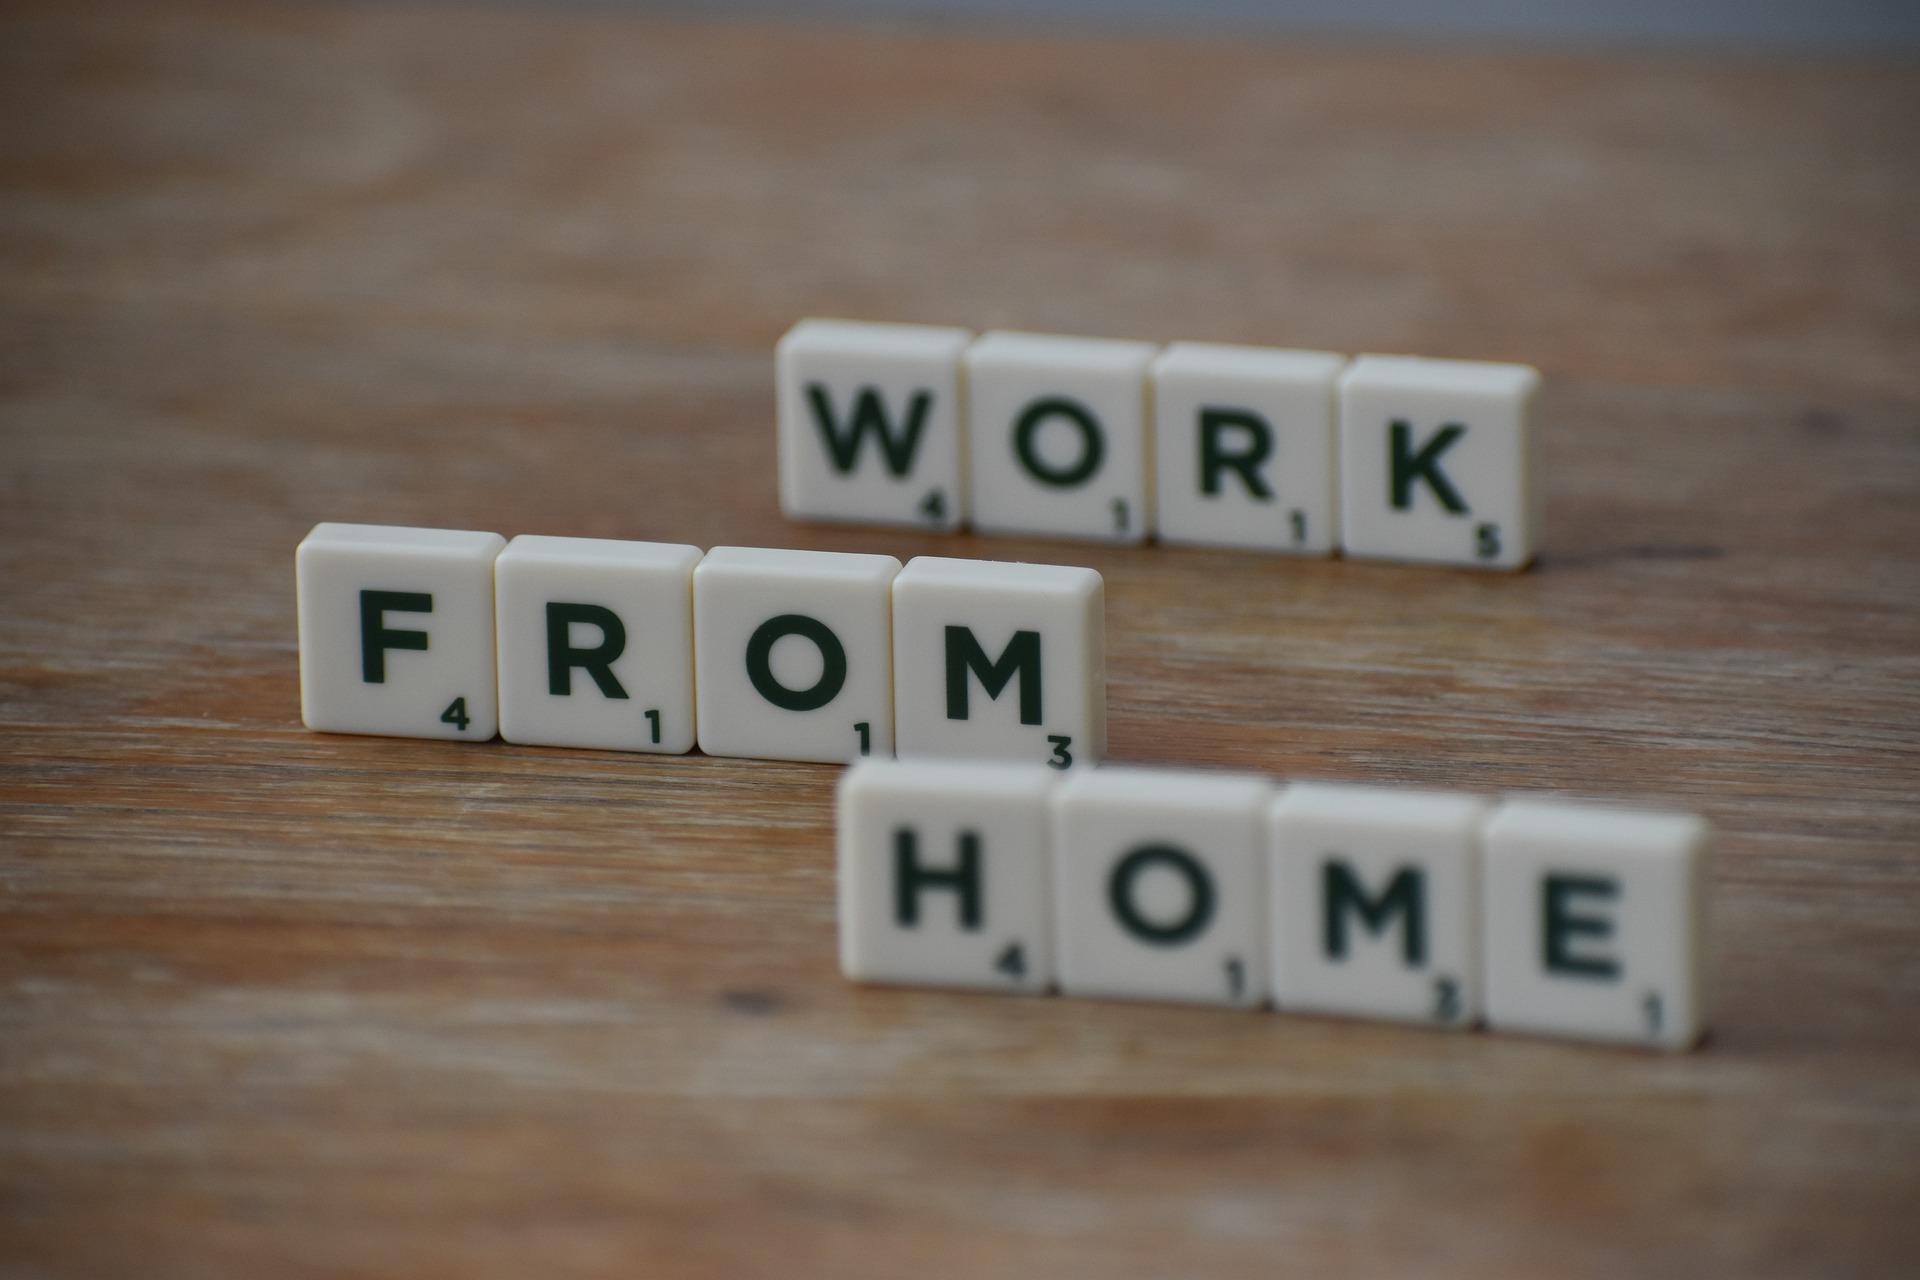 Bywa, że w pracy zdalnej niknie wyraźna granica między życiem zawodowym a prywatnym. Ludzie nie wypracowali rytuałów przejścia – nie kończą pracy o konkretnej godzinie i nie skupiają się na życiu osobistym. (Fot. Pixabay)